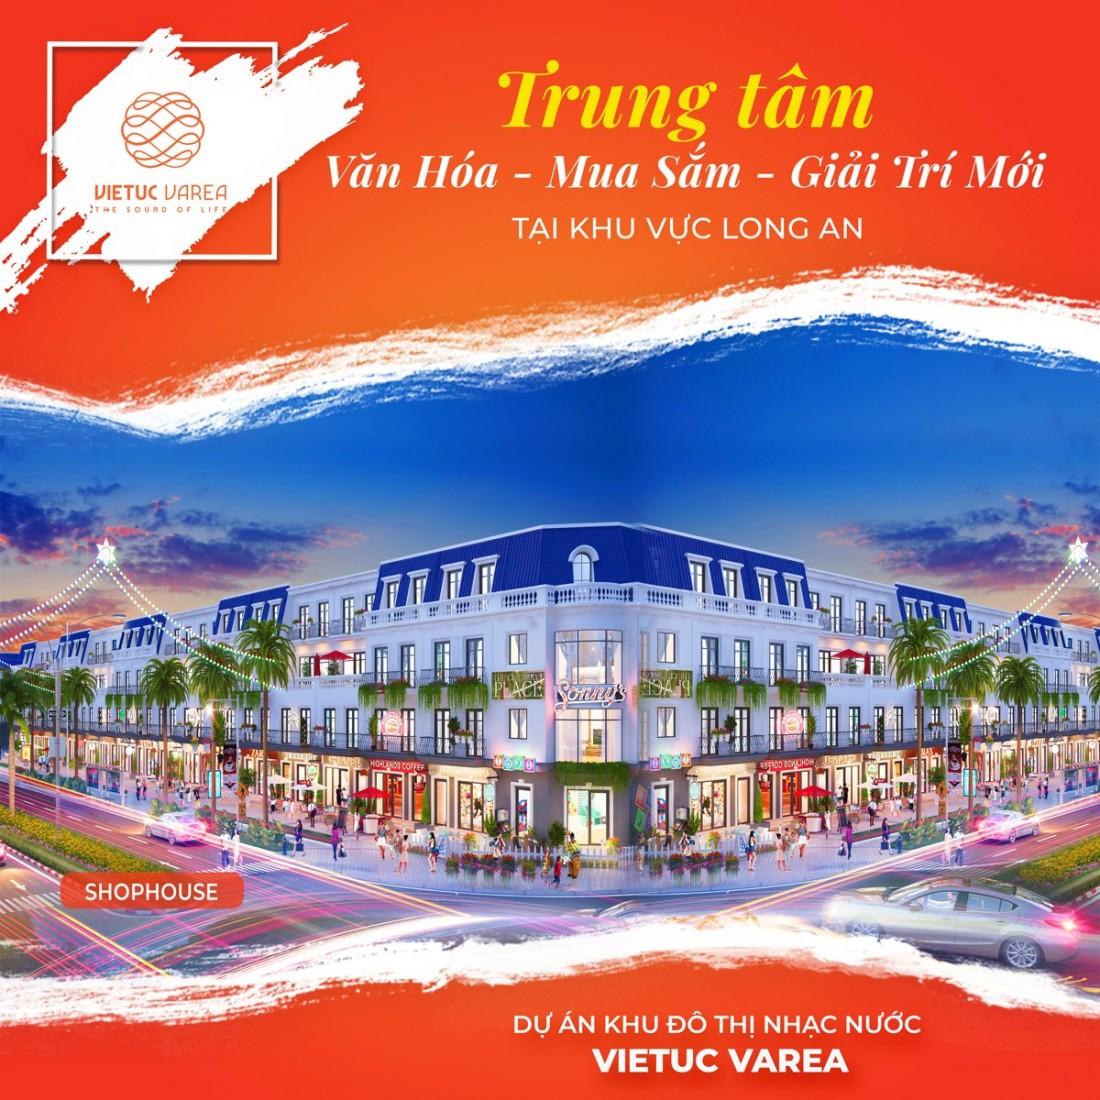 Việt úc Varea Bến Lức